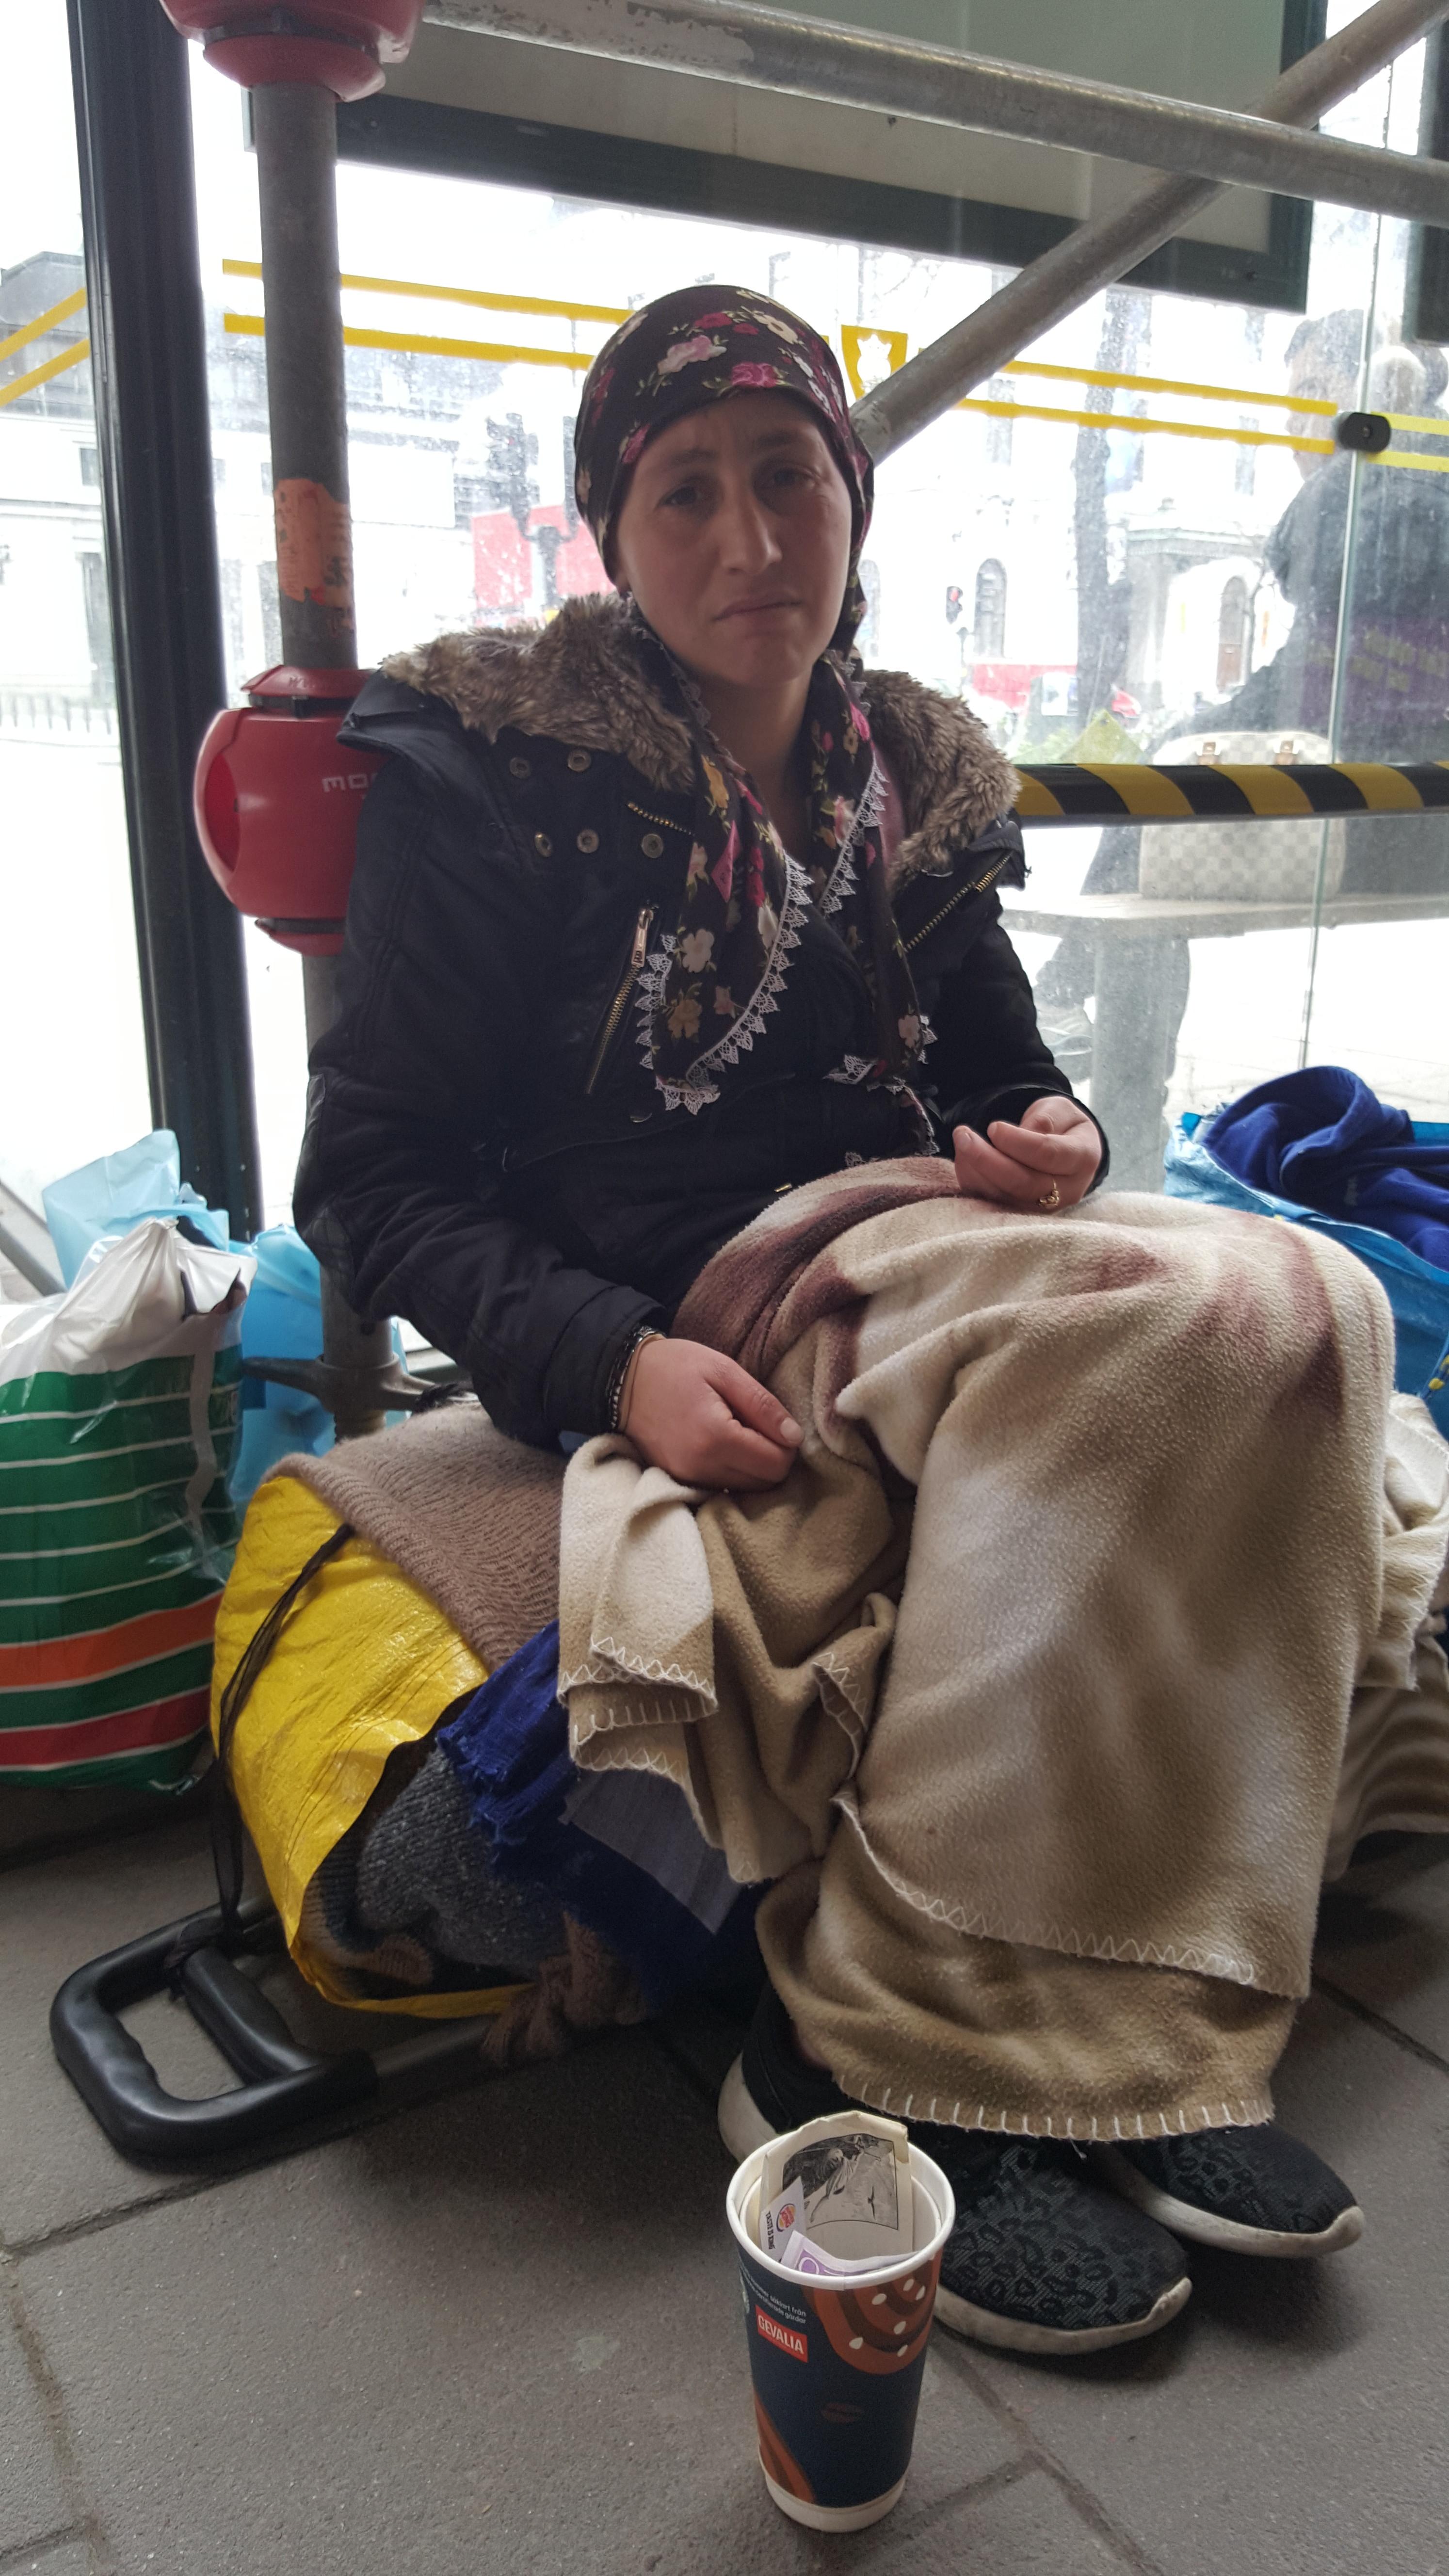 Maria har blivit utkörd från centralstationen